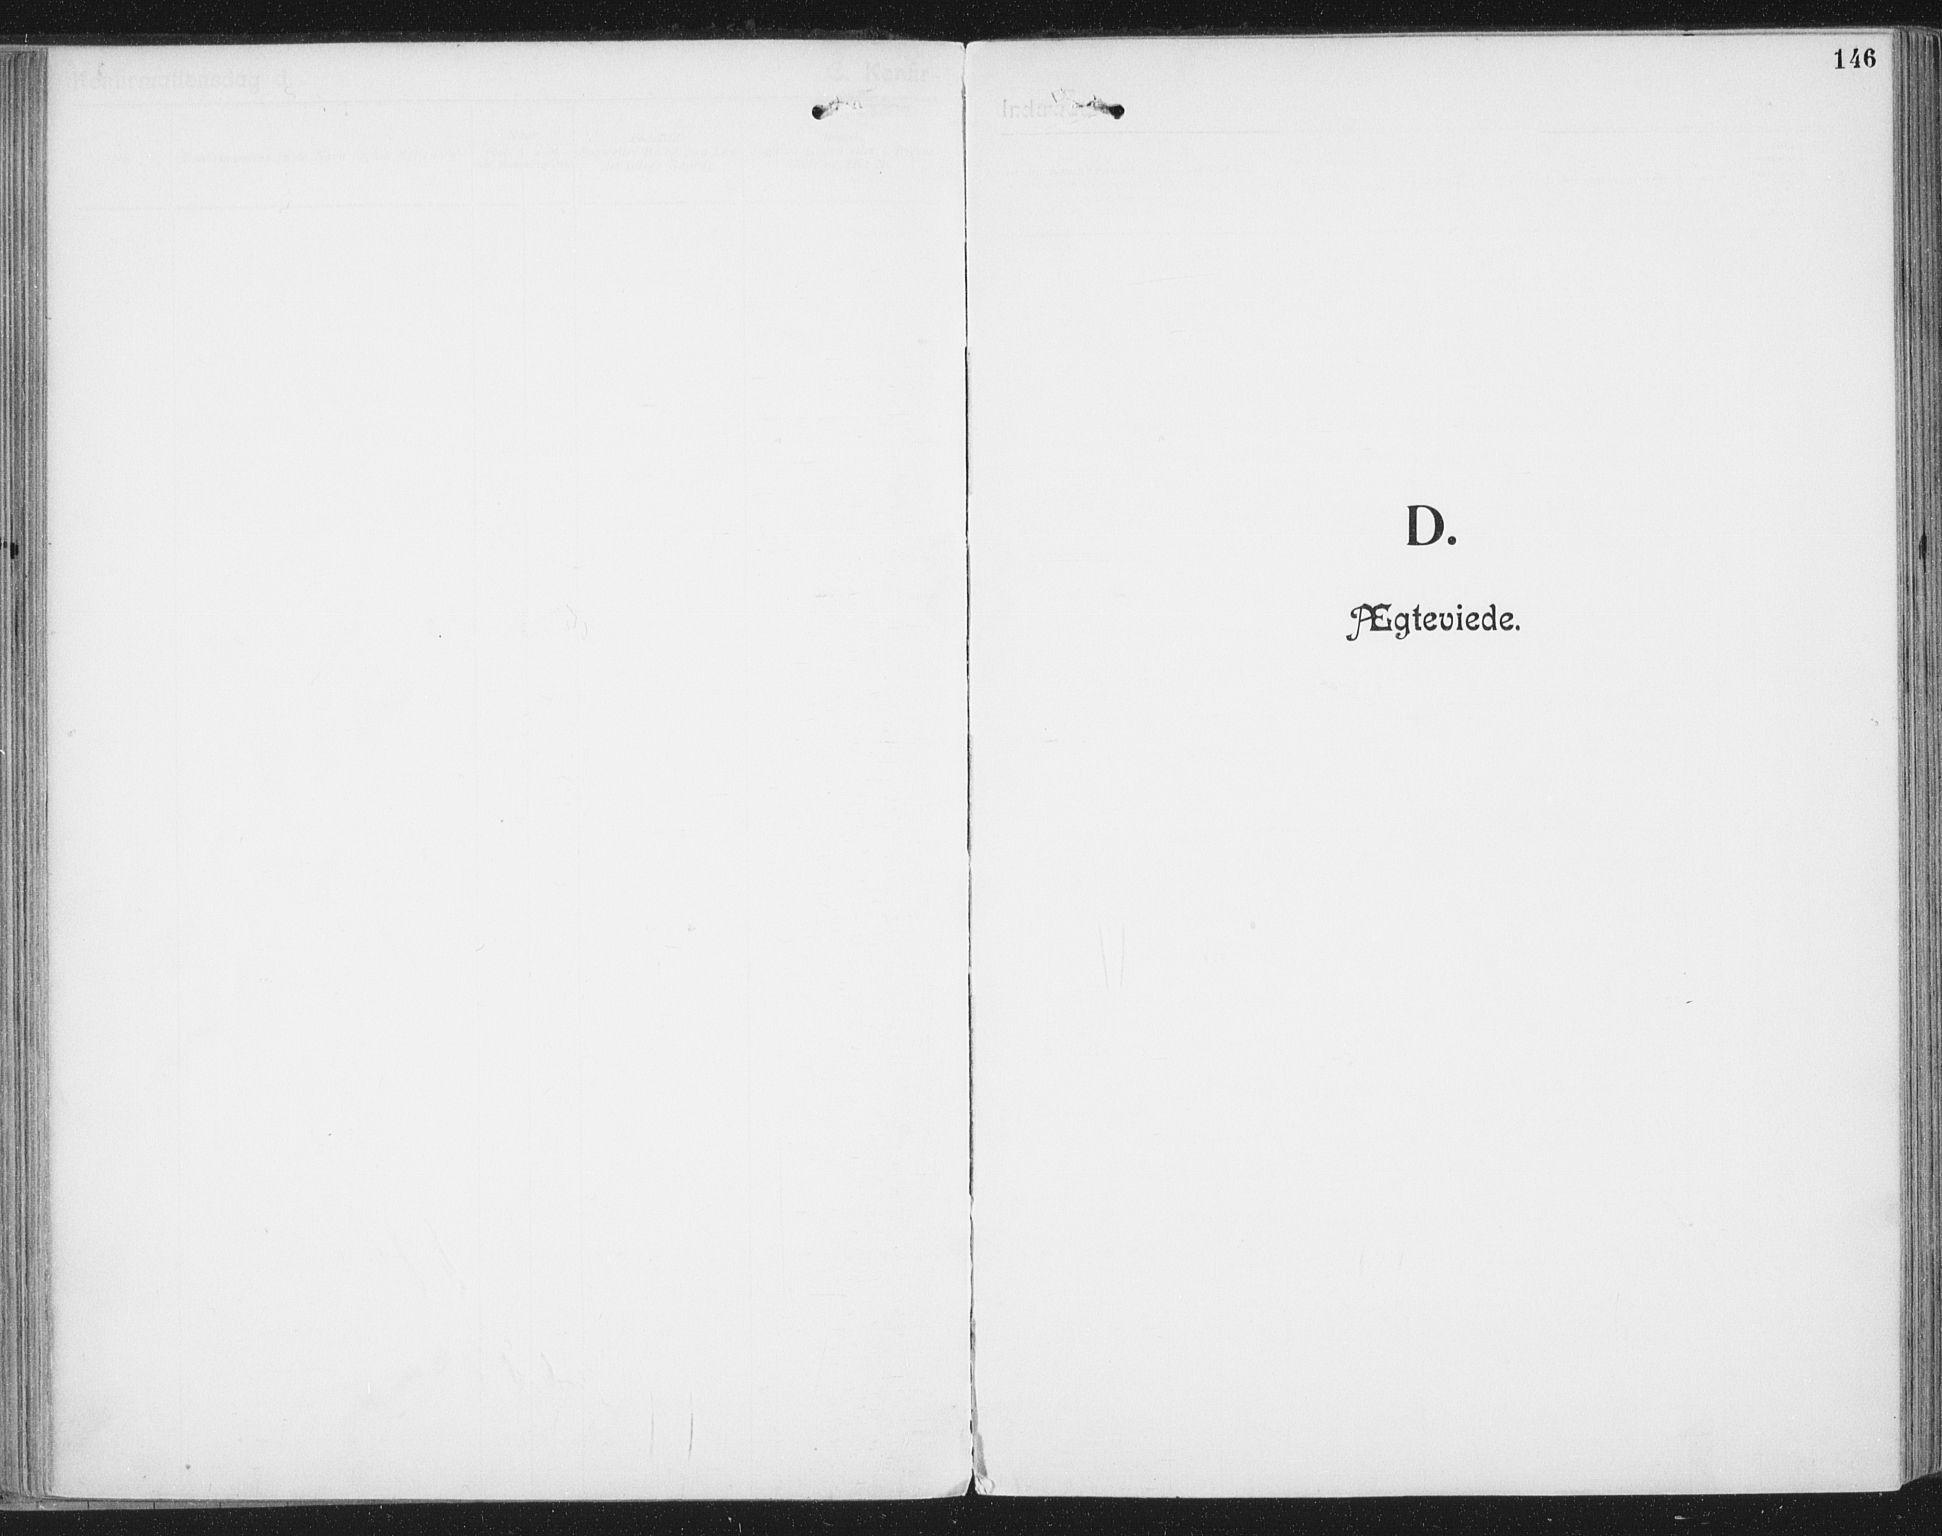 SAT, Ministerialprotokoller, klokkerbøker og fødselsregistre - Nordland, 804/L0081: Parish register (official) no. 804A02, 1901-1915, p. 146